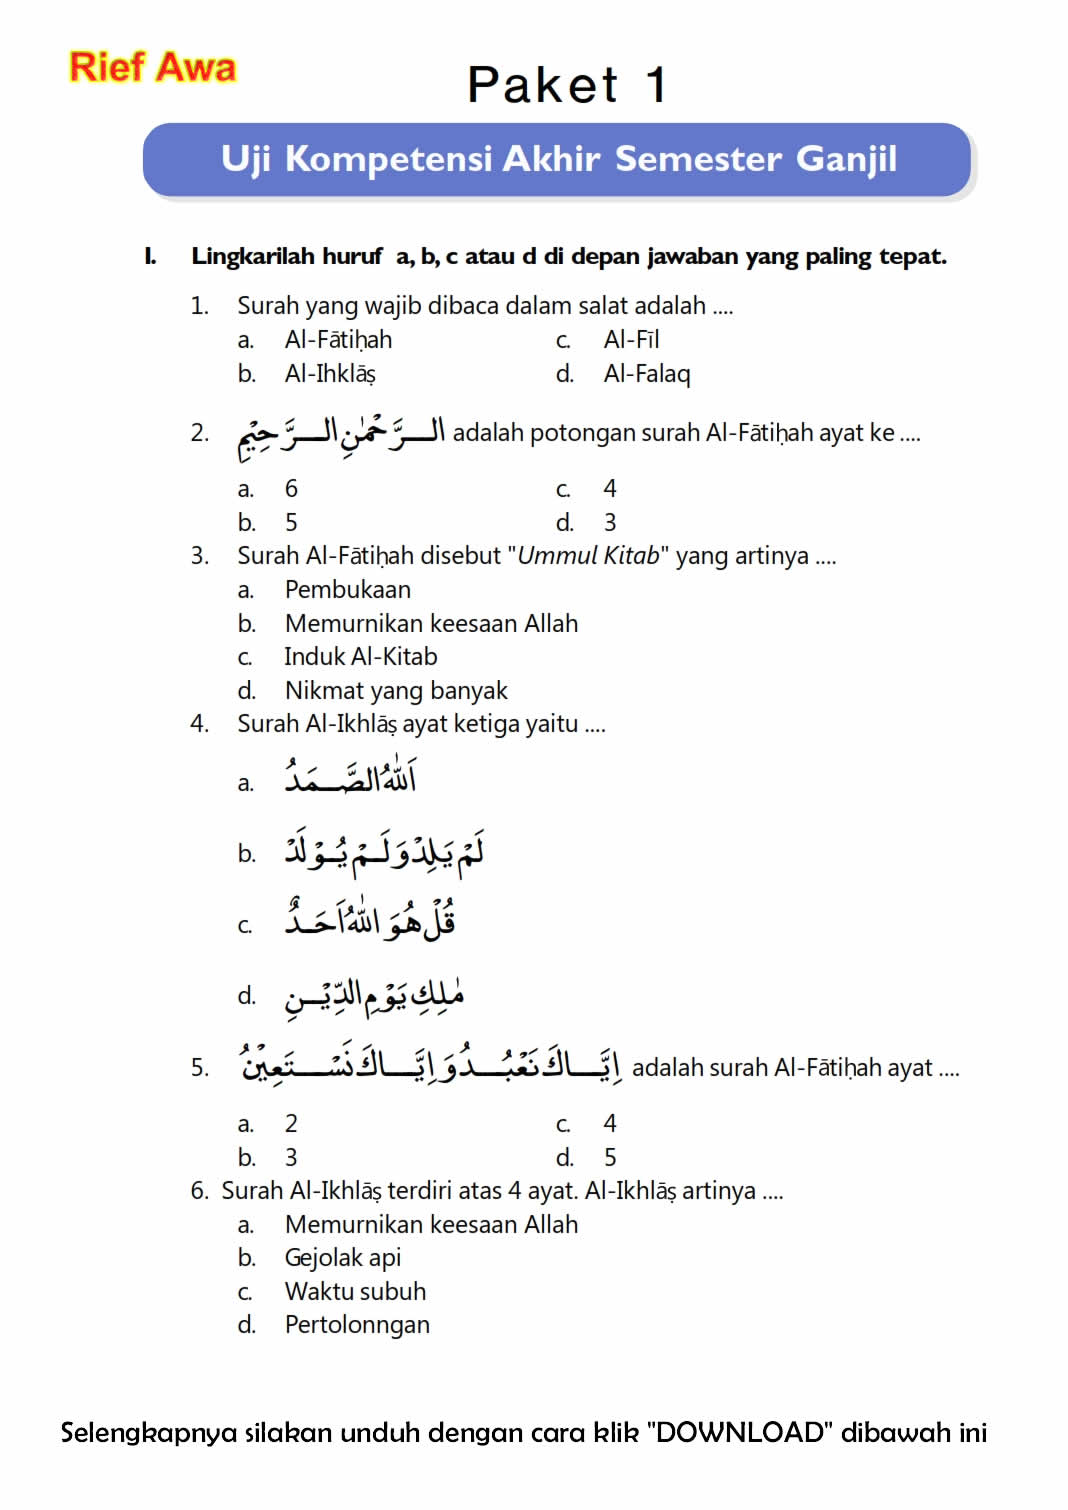 Download Soal Uas Ganjil Pendidikan Agama Islam Kelas 4